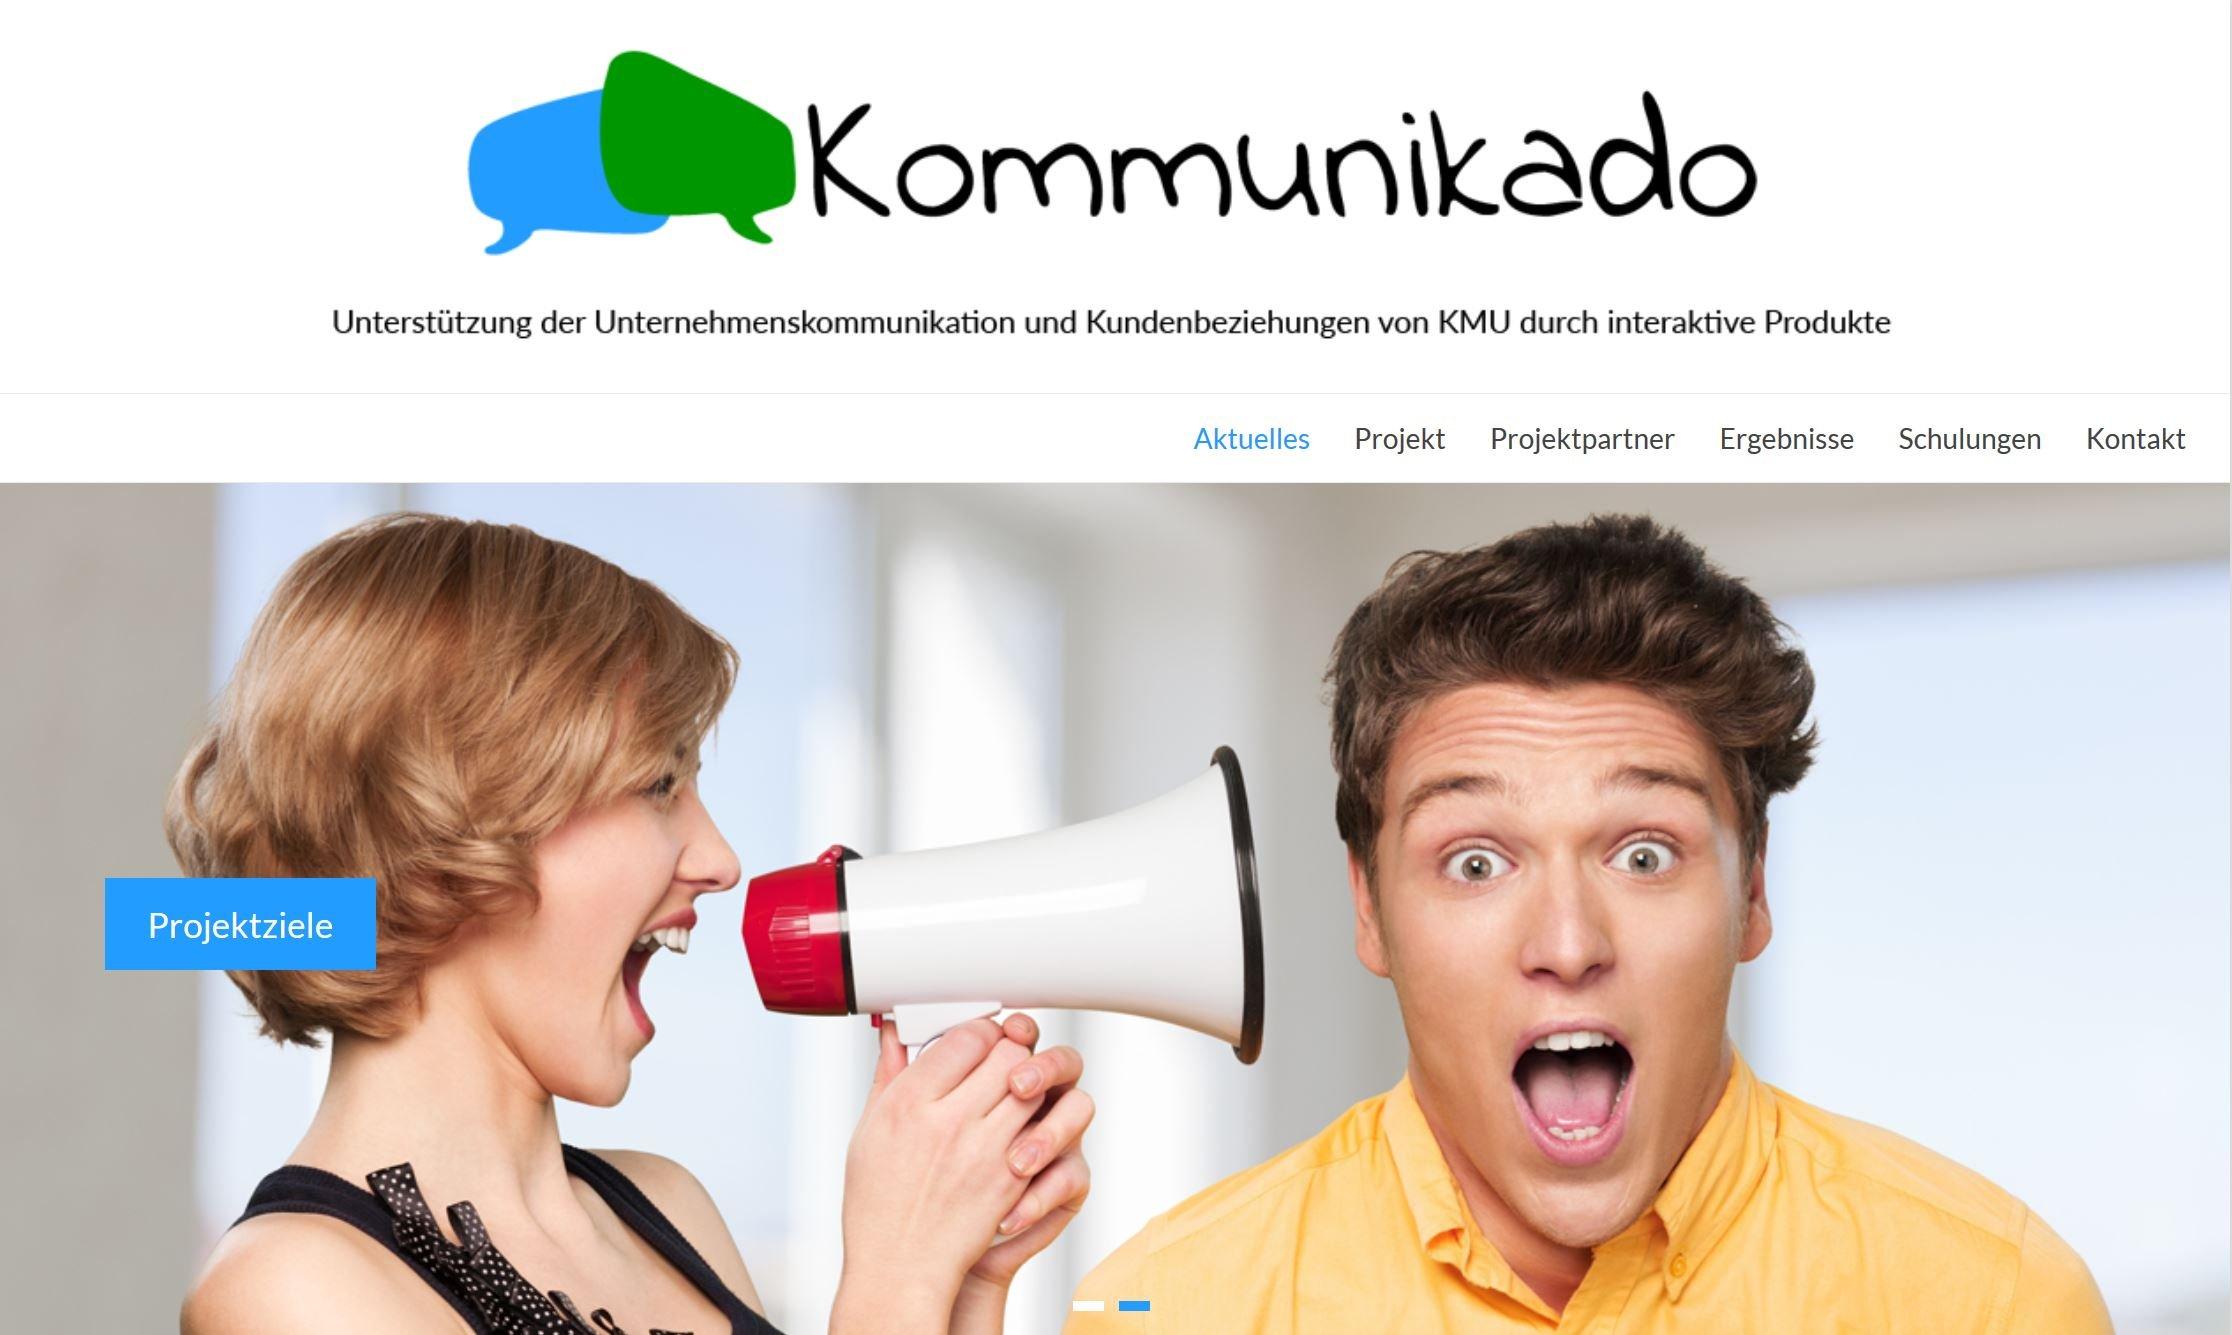 KOMMUNIKADO auf dem 11. PM-Tag in Karlsruhe